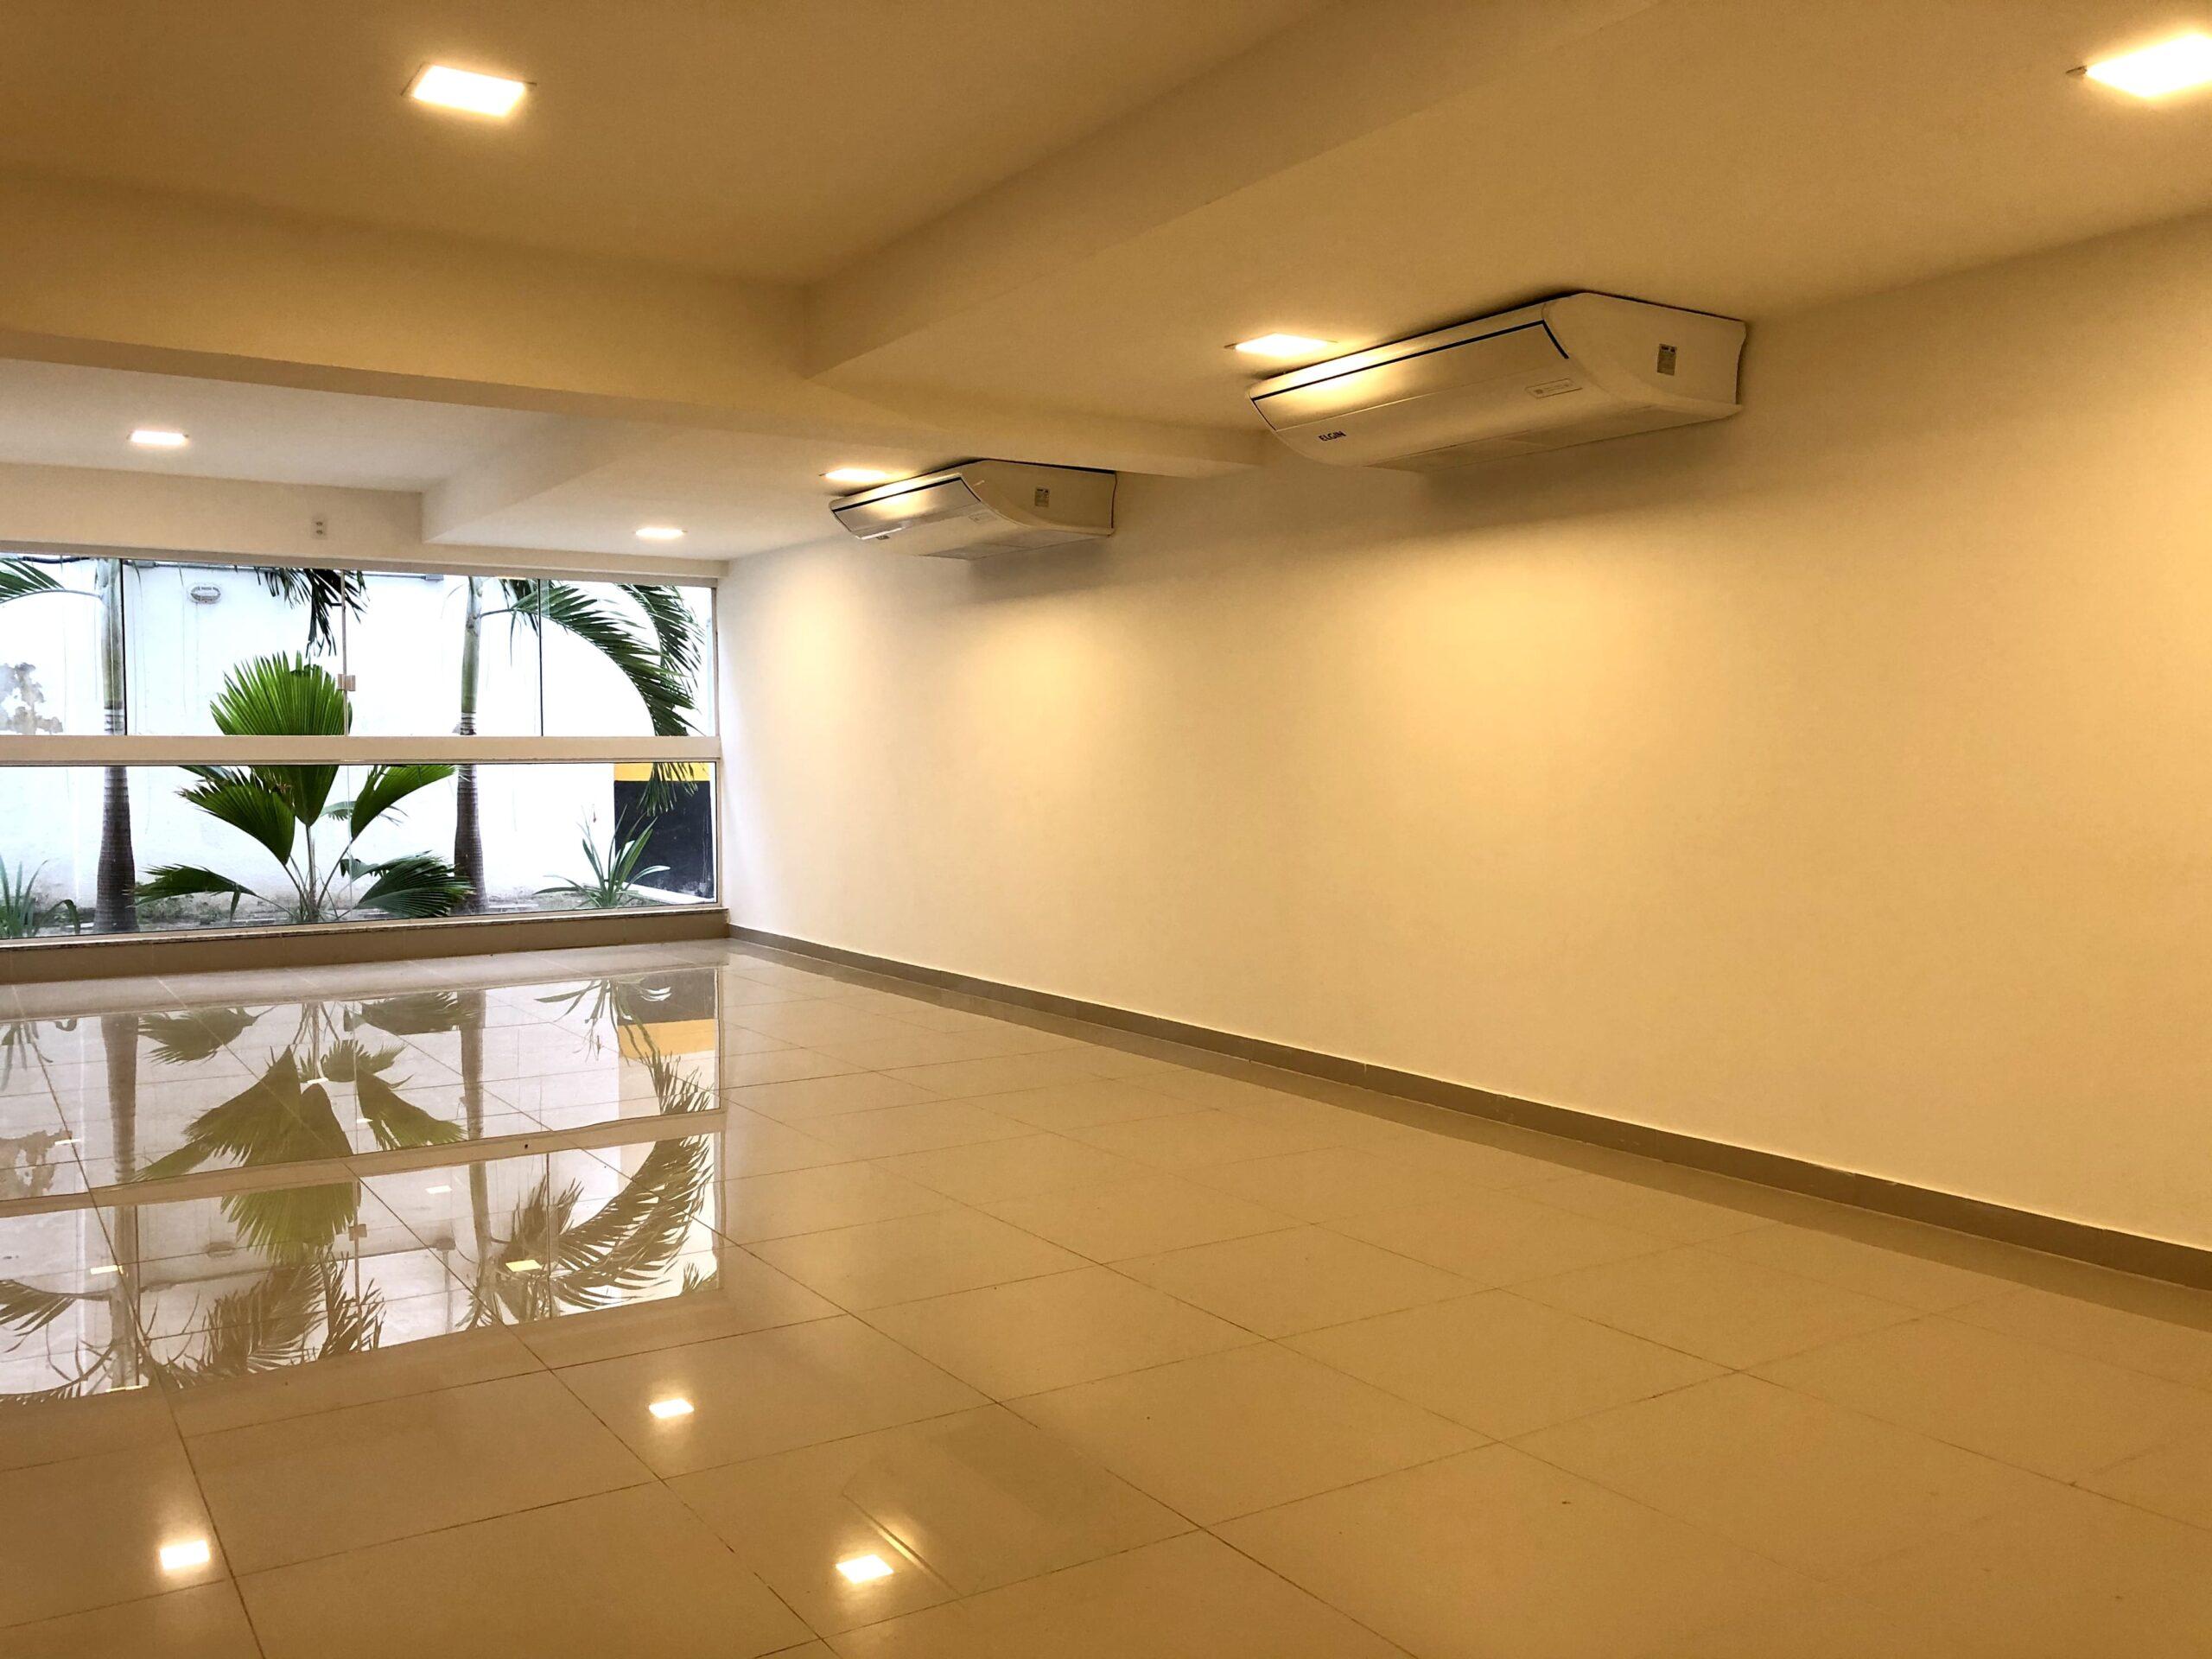 5 Apartamento para venda no Edifício Recanto das Palmeiras Teresina,3 Quartos, sendo 1 suíte, banheiro social, 1 vaga, piso em porcelanato